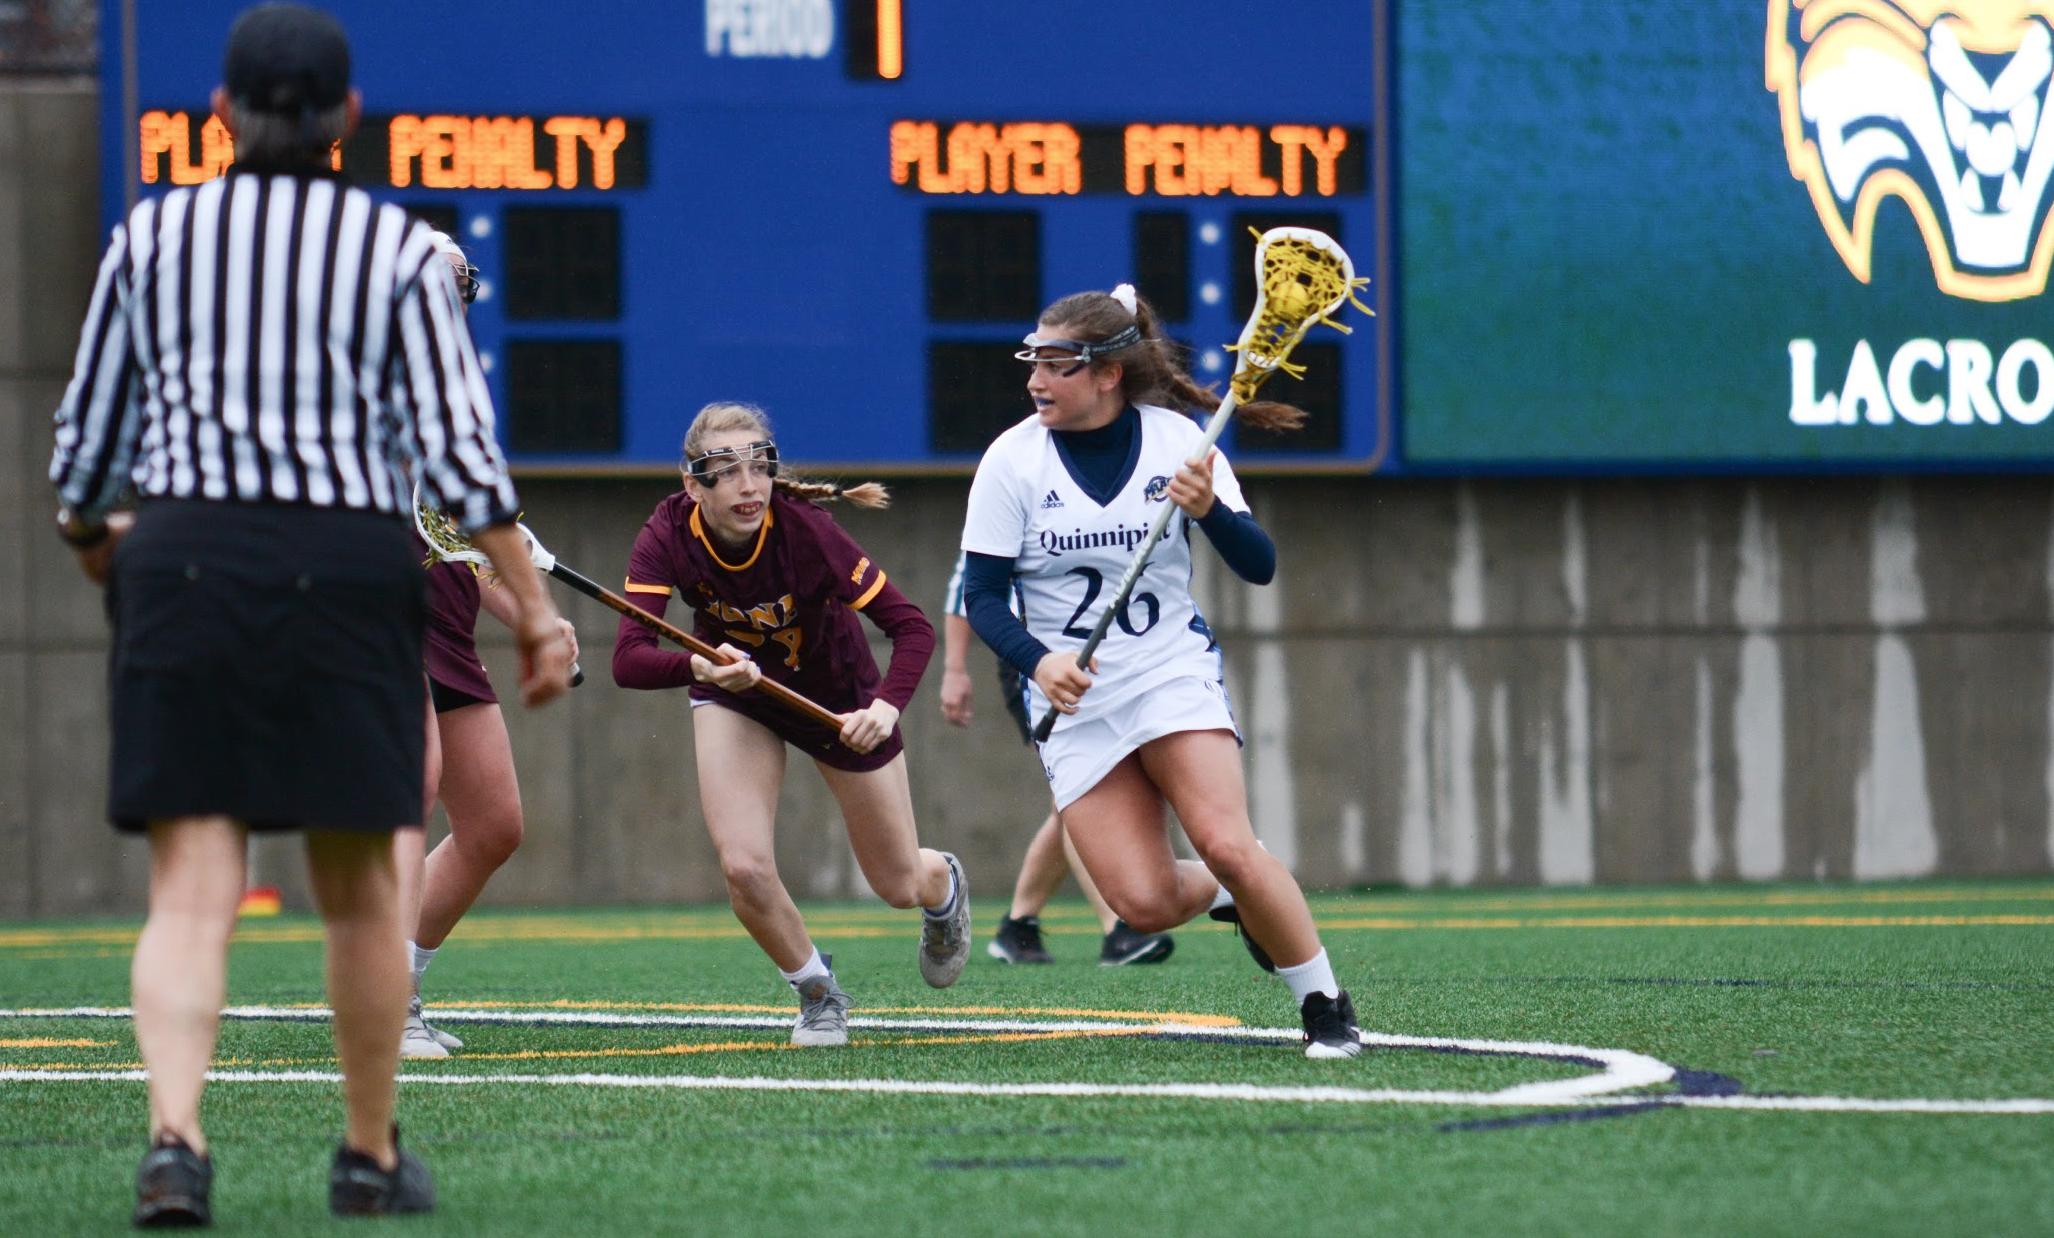 Quinnipiac women's lacrosse comes up short against Iona